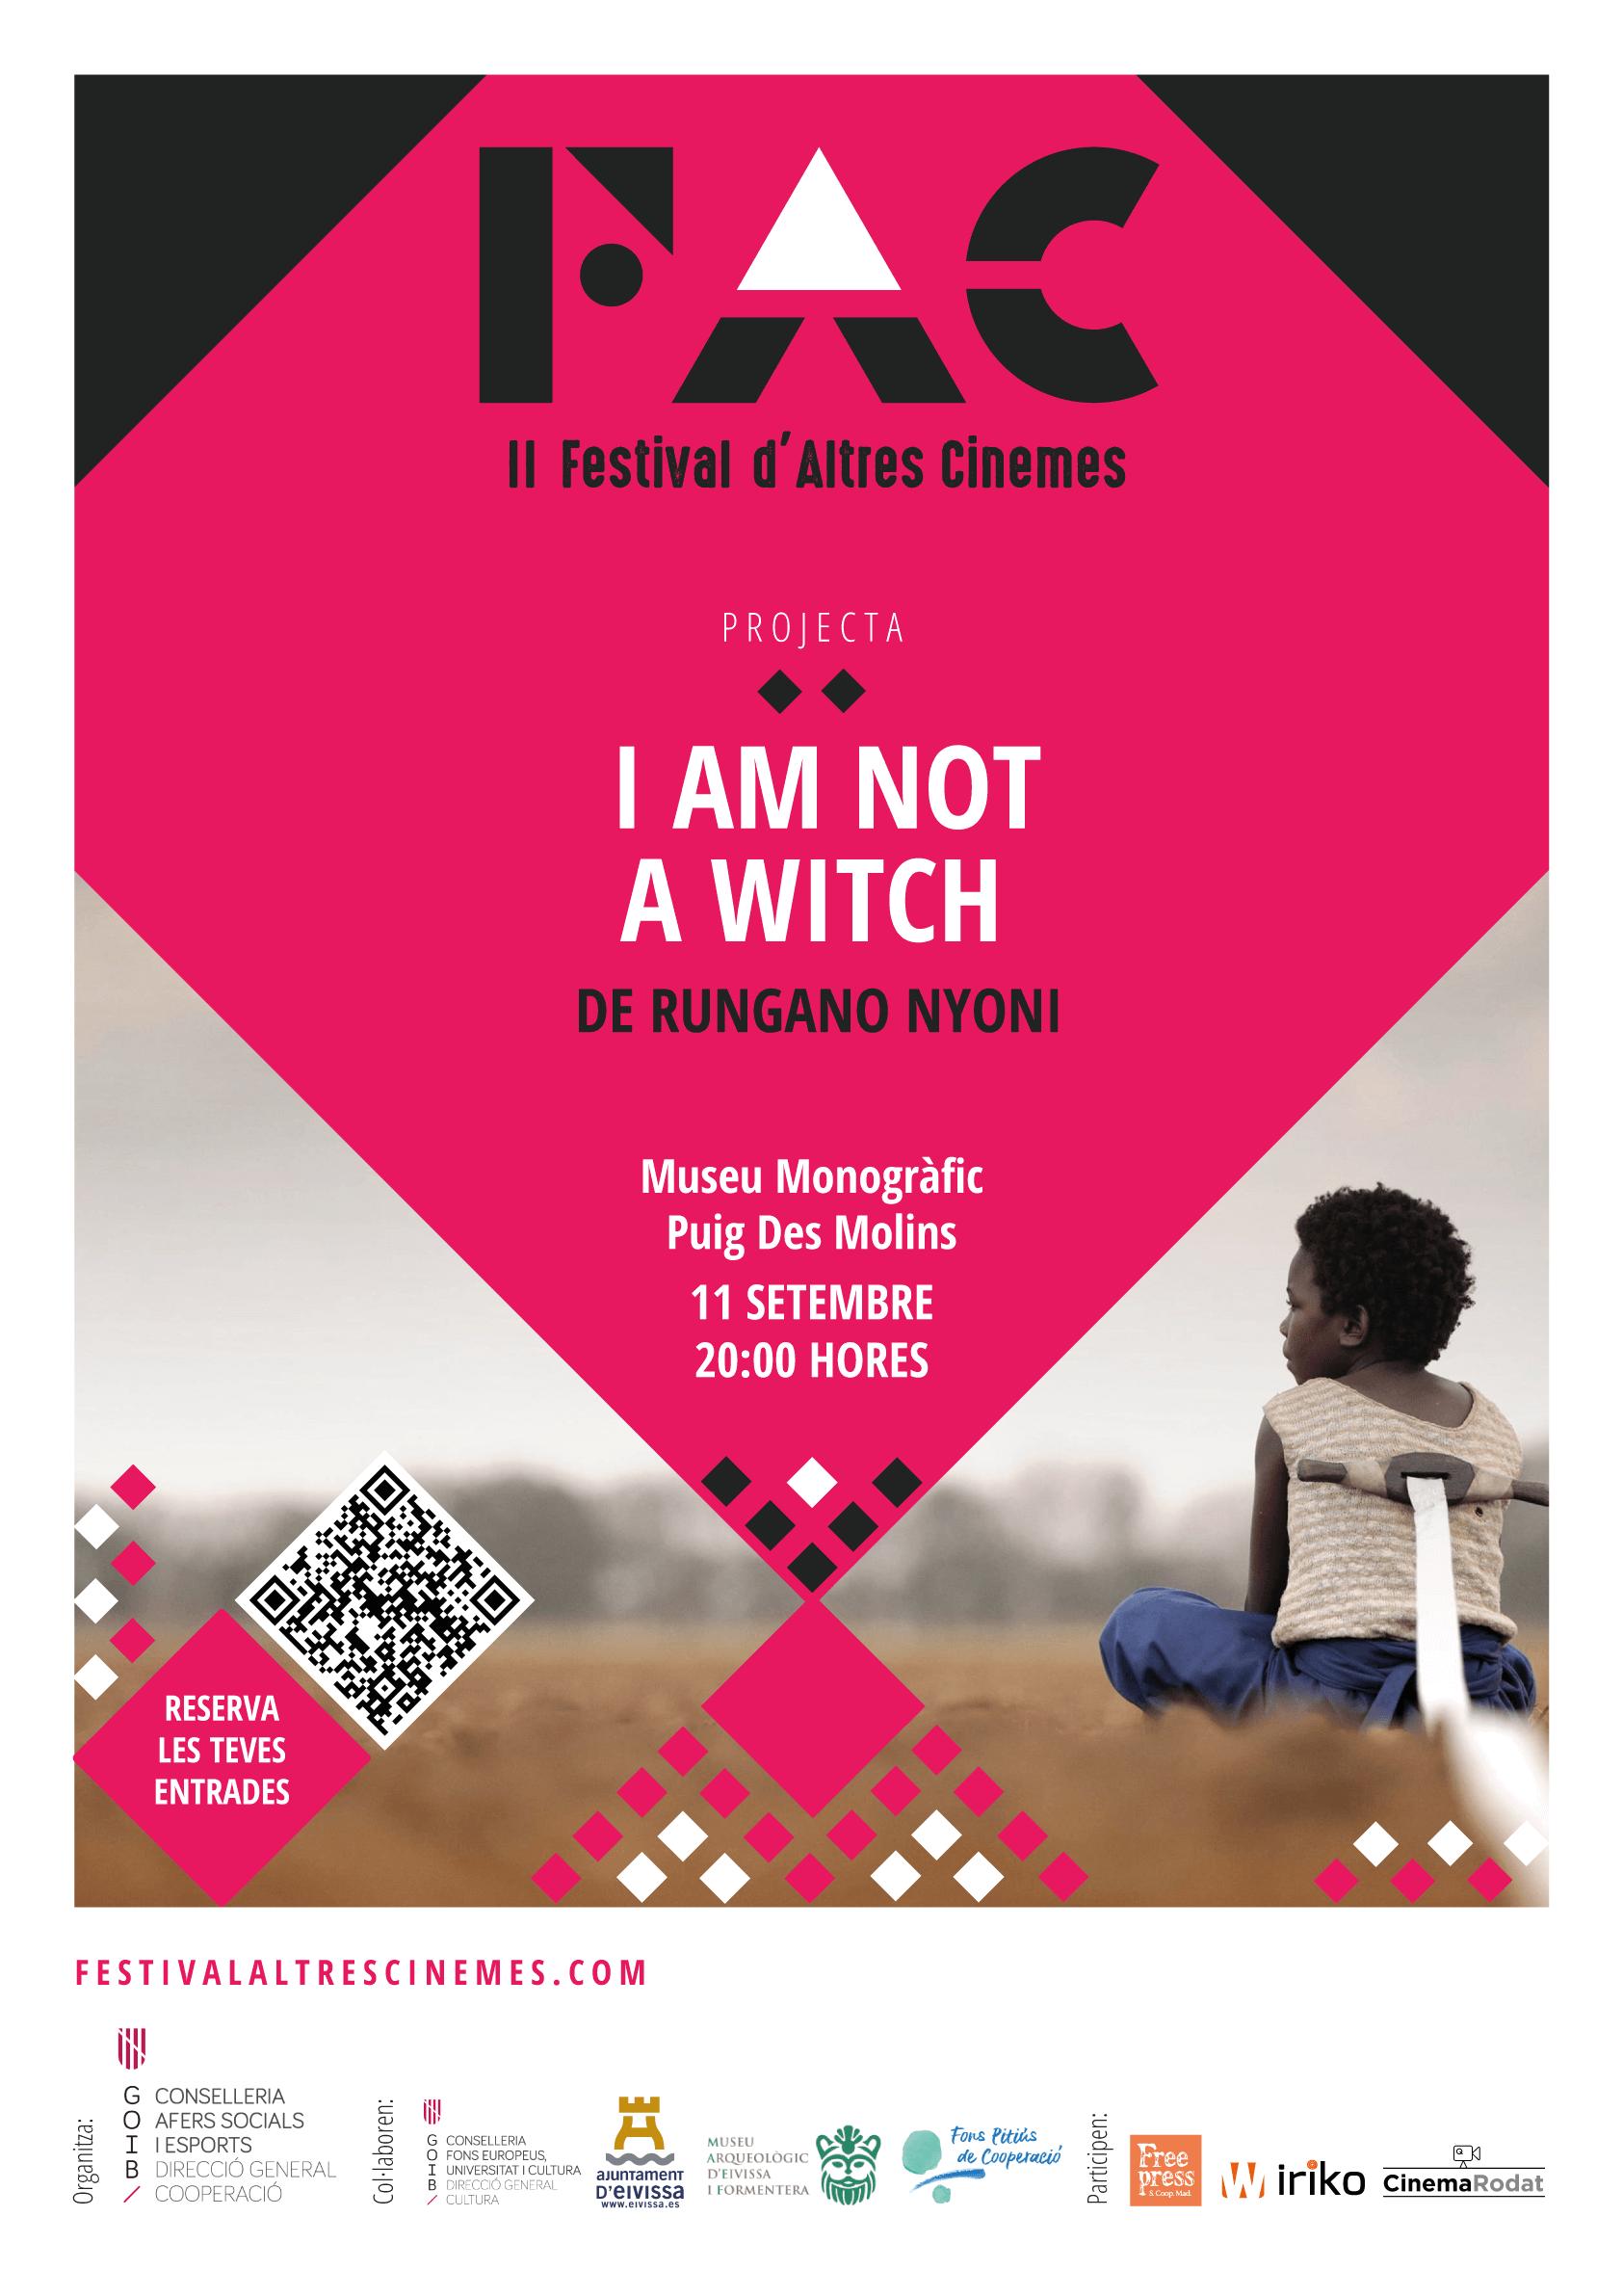 """Projecció de la pel·lícula """"I am not a witch"""", dins el FAC (Festival d'Altres Cinemes)"""